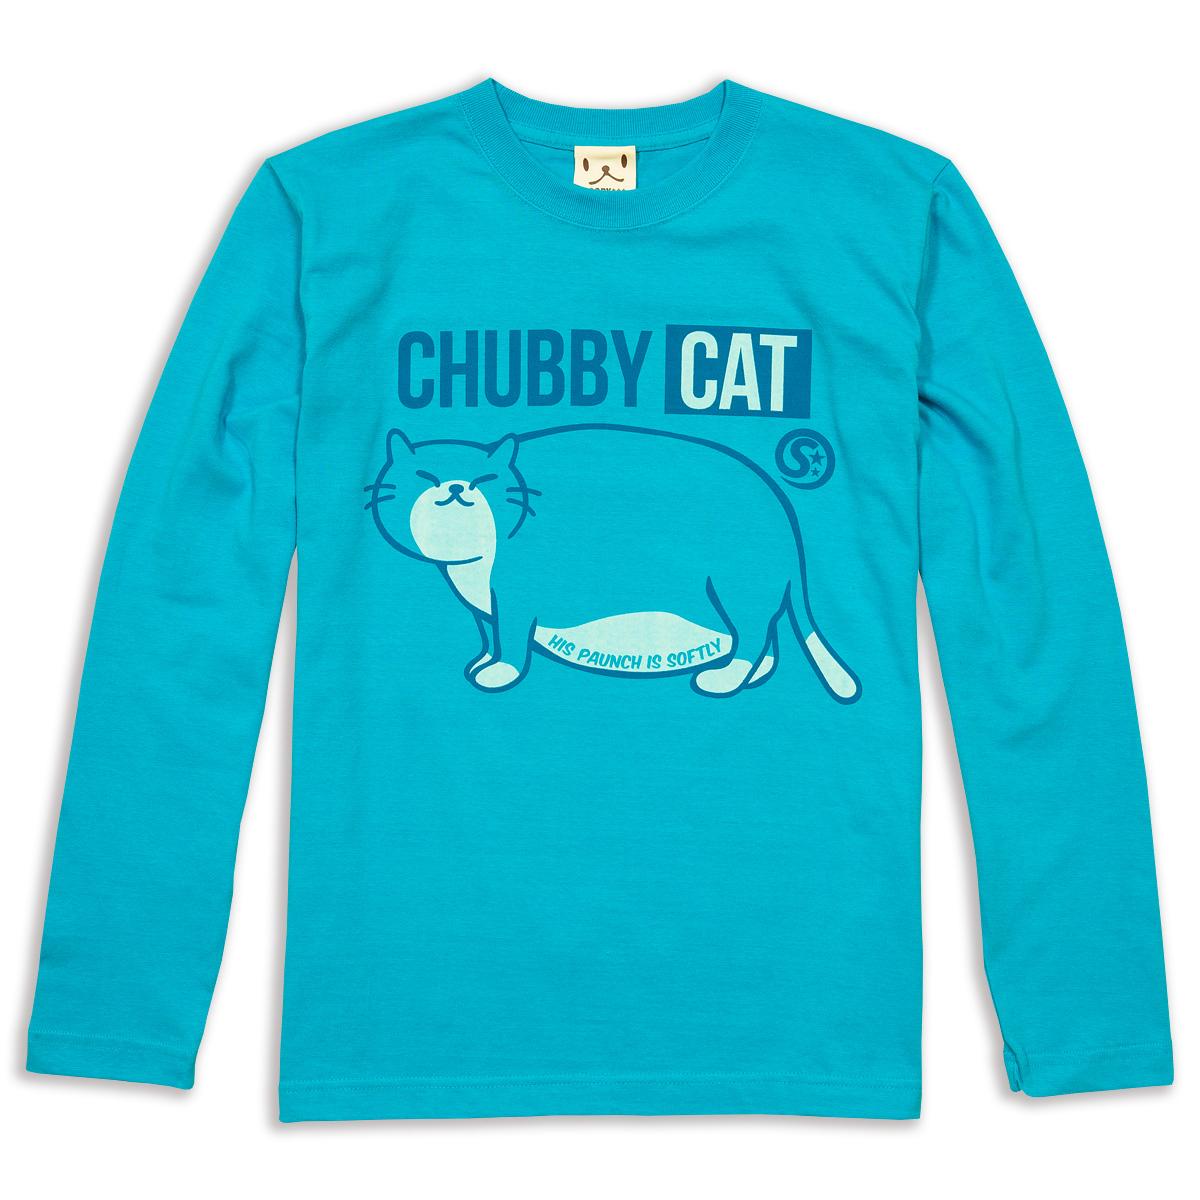 ロンT CHUBBU CAT ターコイズブルー